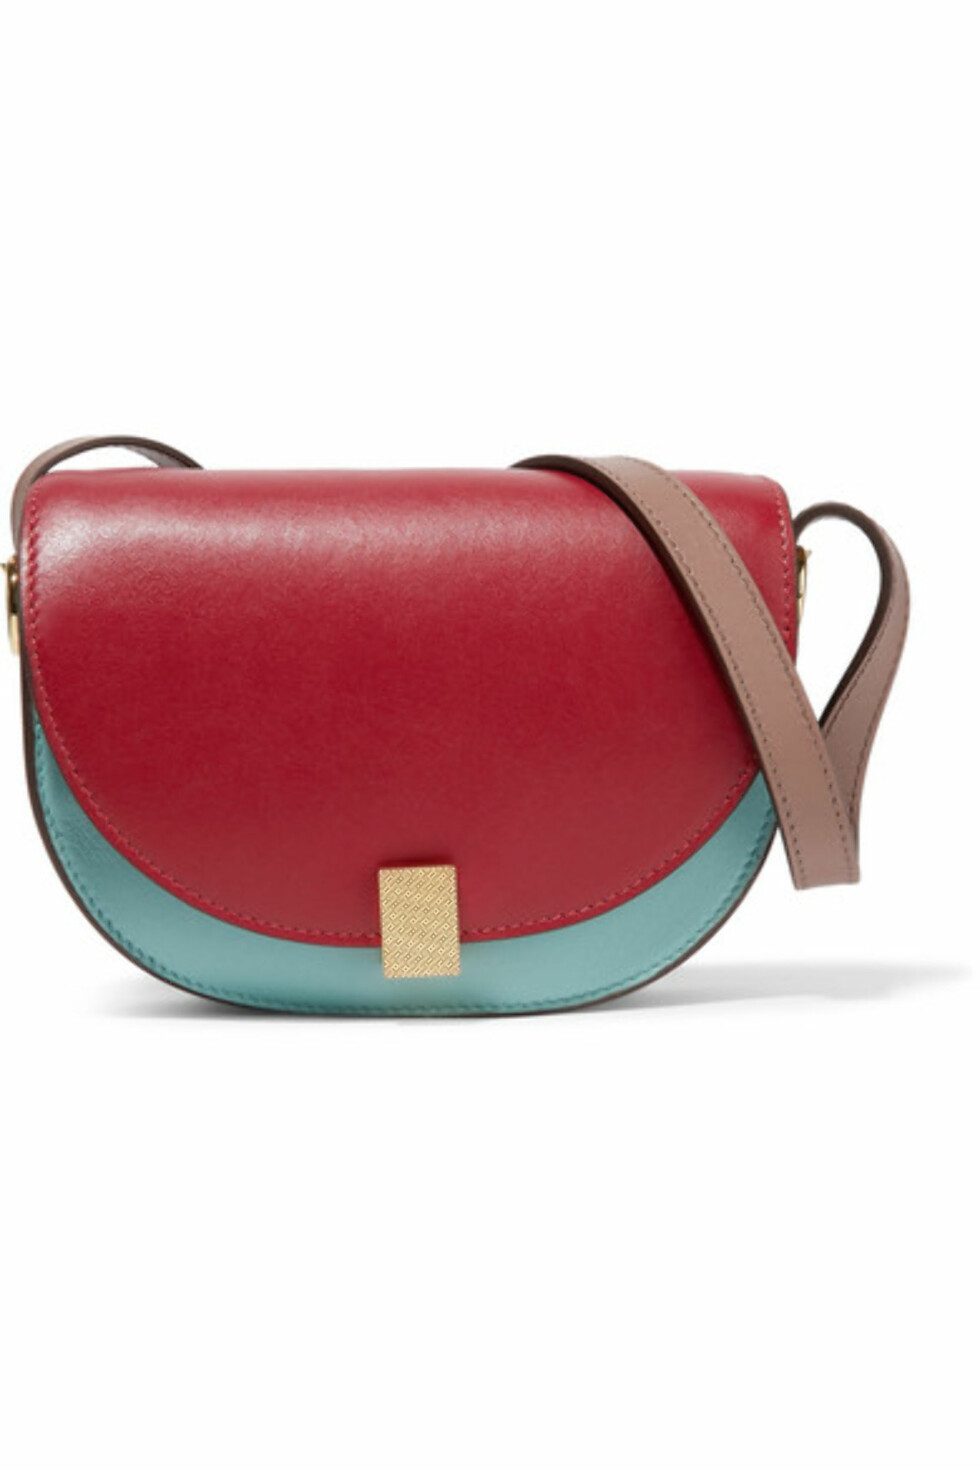 Veske fra Victoria Beckham  5730,-  https://www.net-a-porter.com/no/en/product/915221/victoria_beckham/half-moon-box-nano-leather-shoulder-bag